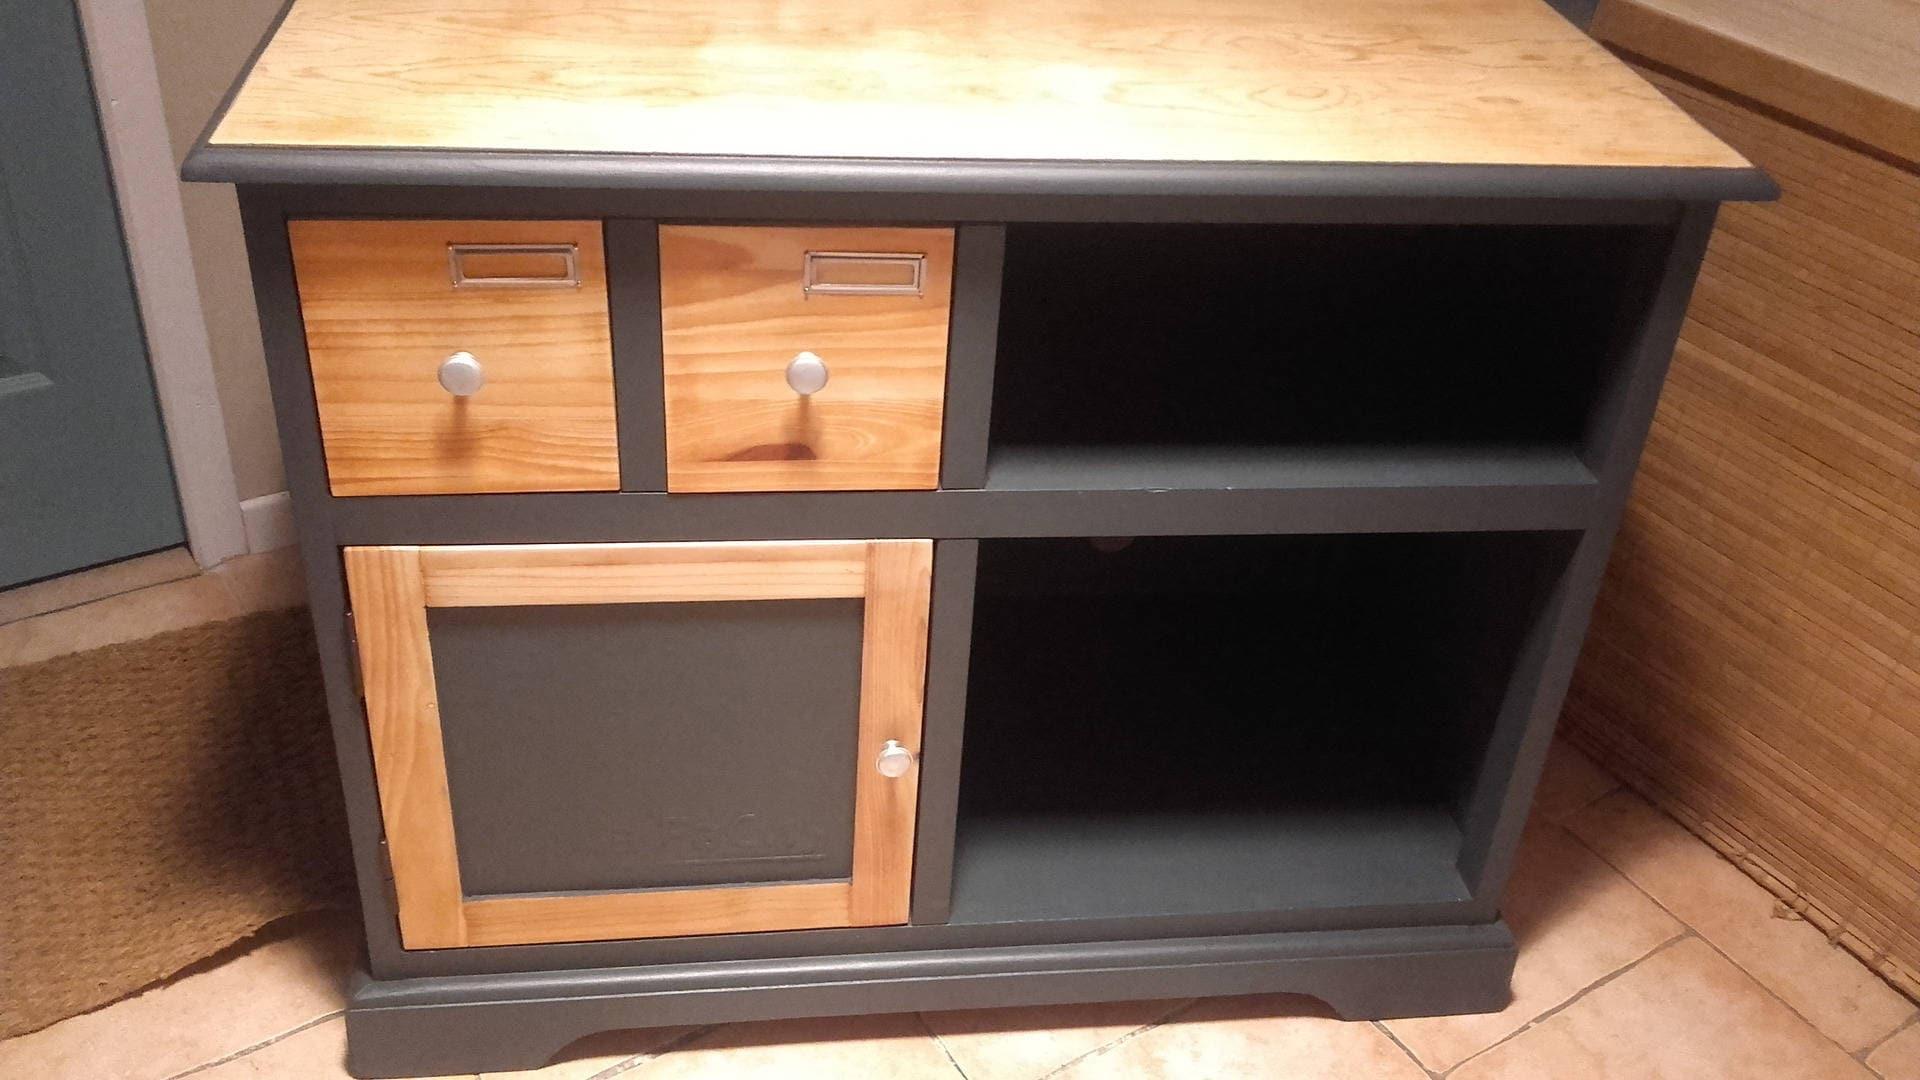 Meuble t l vision en bois et peinture gris anthracite for Petit meuble tv gris